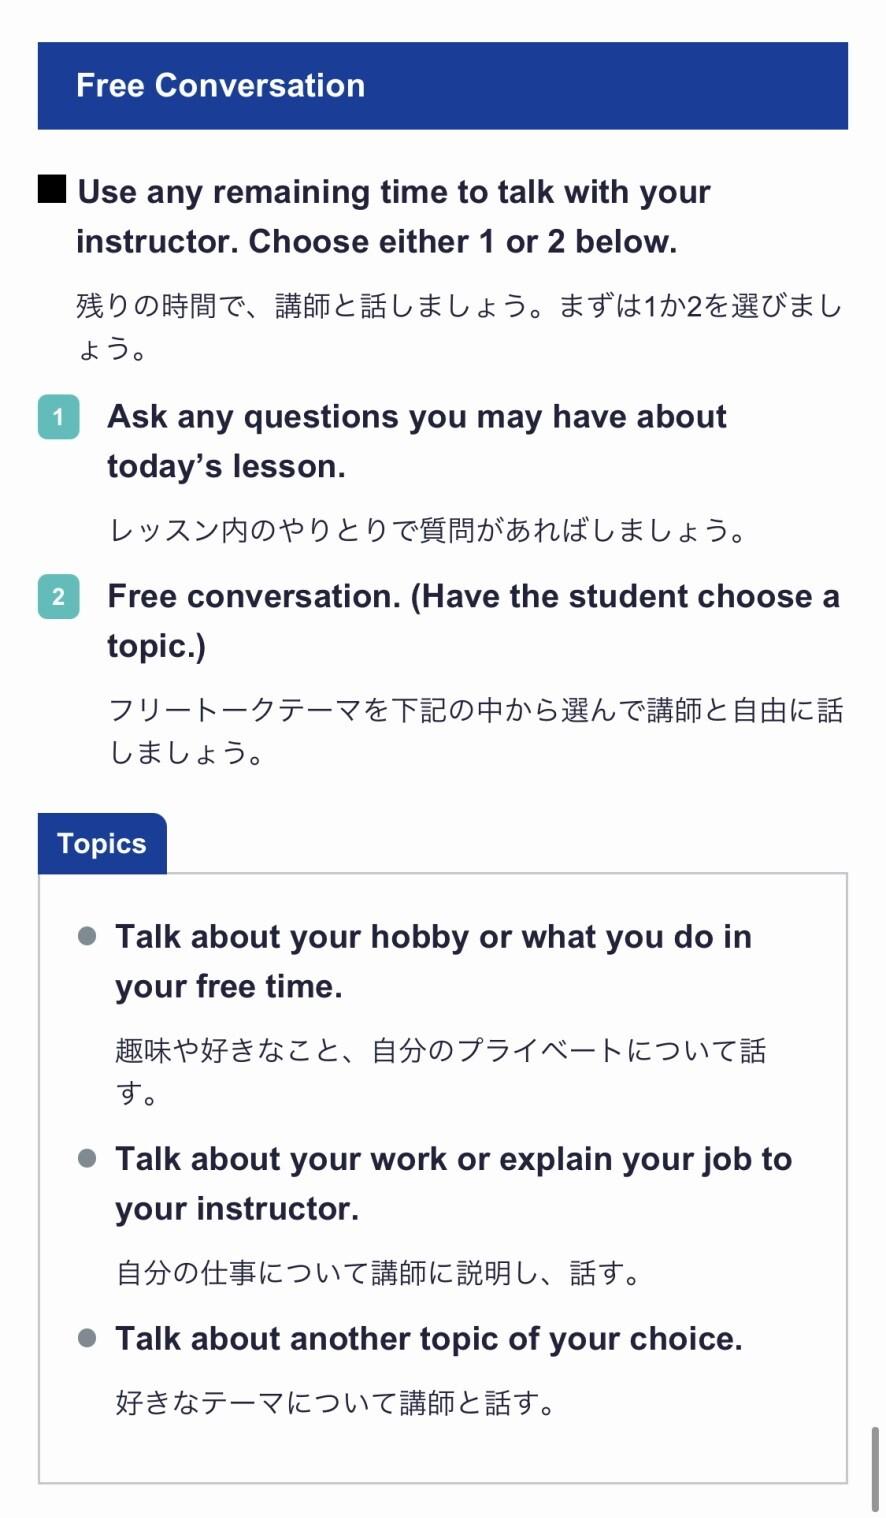 Free Conversationのテーマ例